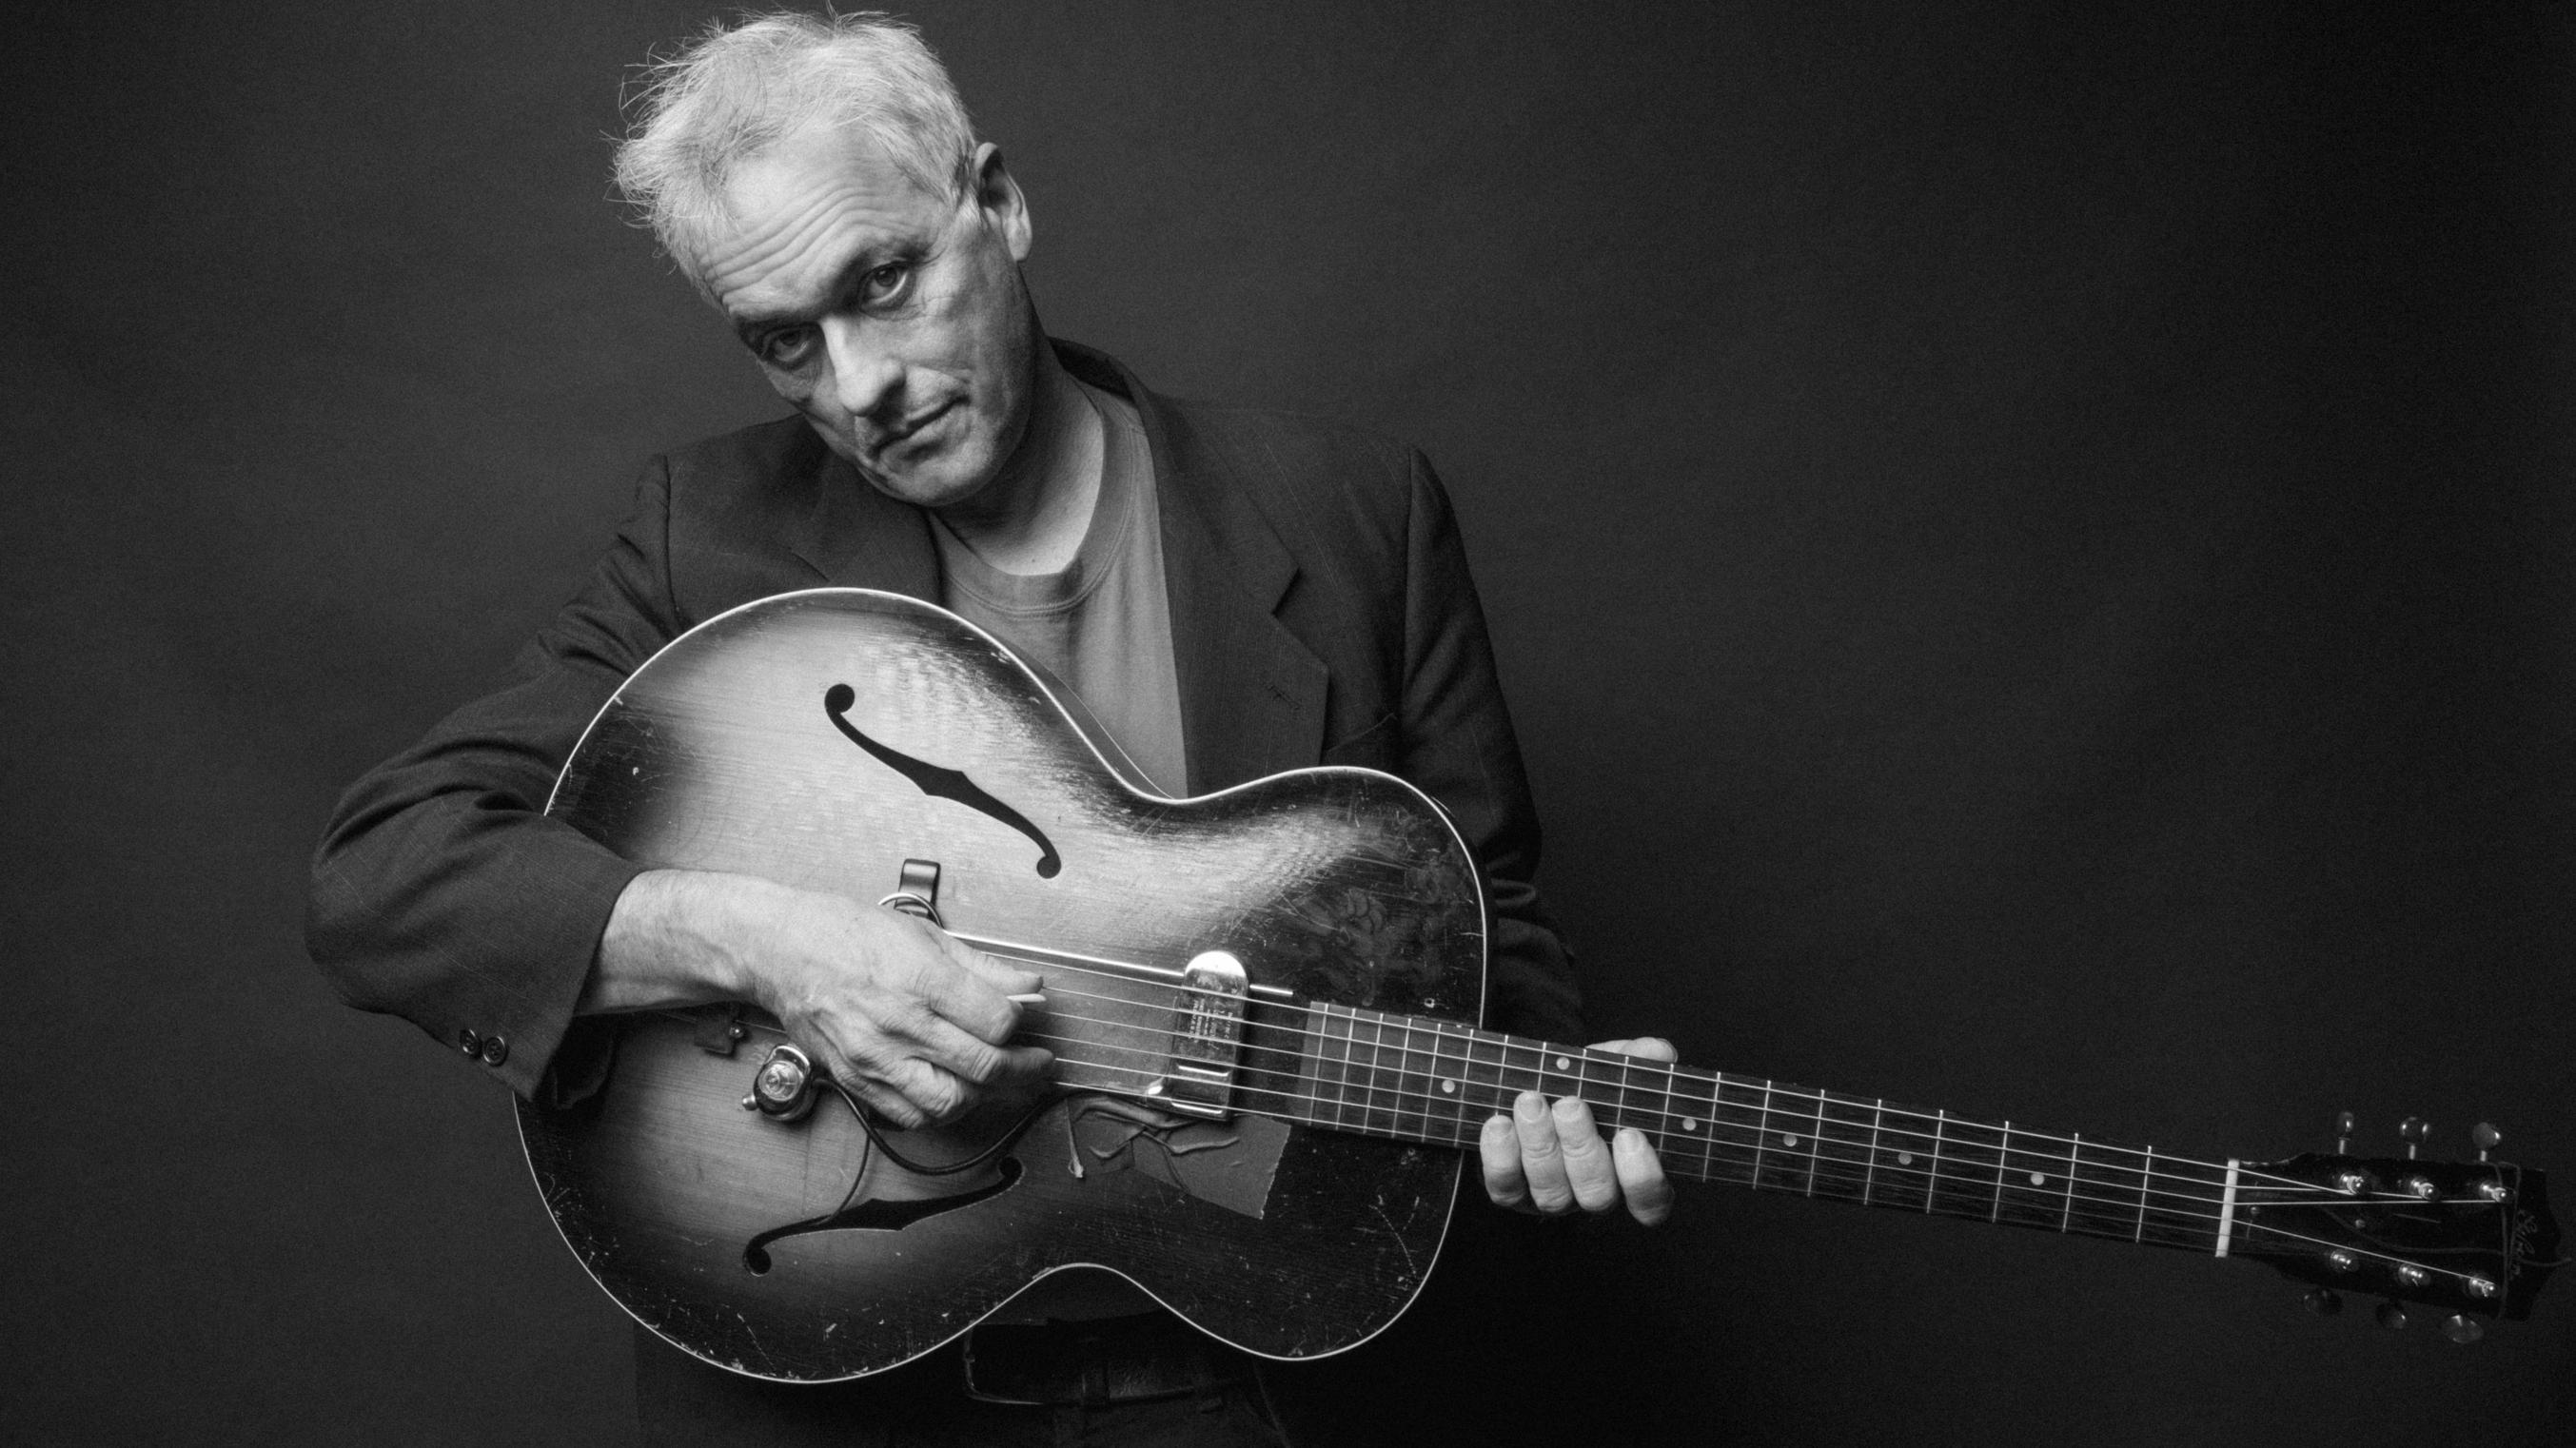 Marc Ribot in schwarz weiß hält eine Gitarre in der Hand